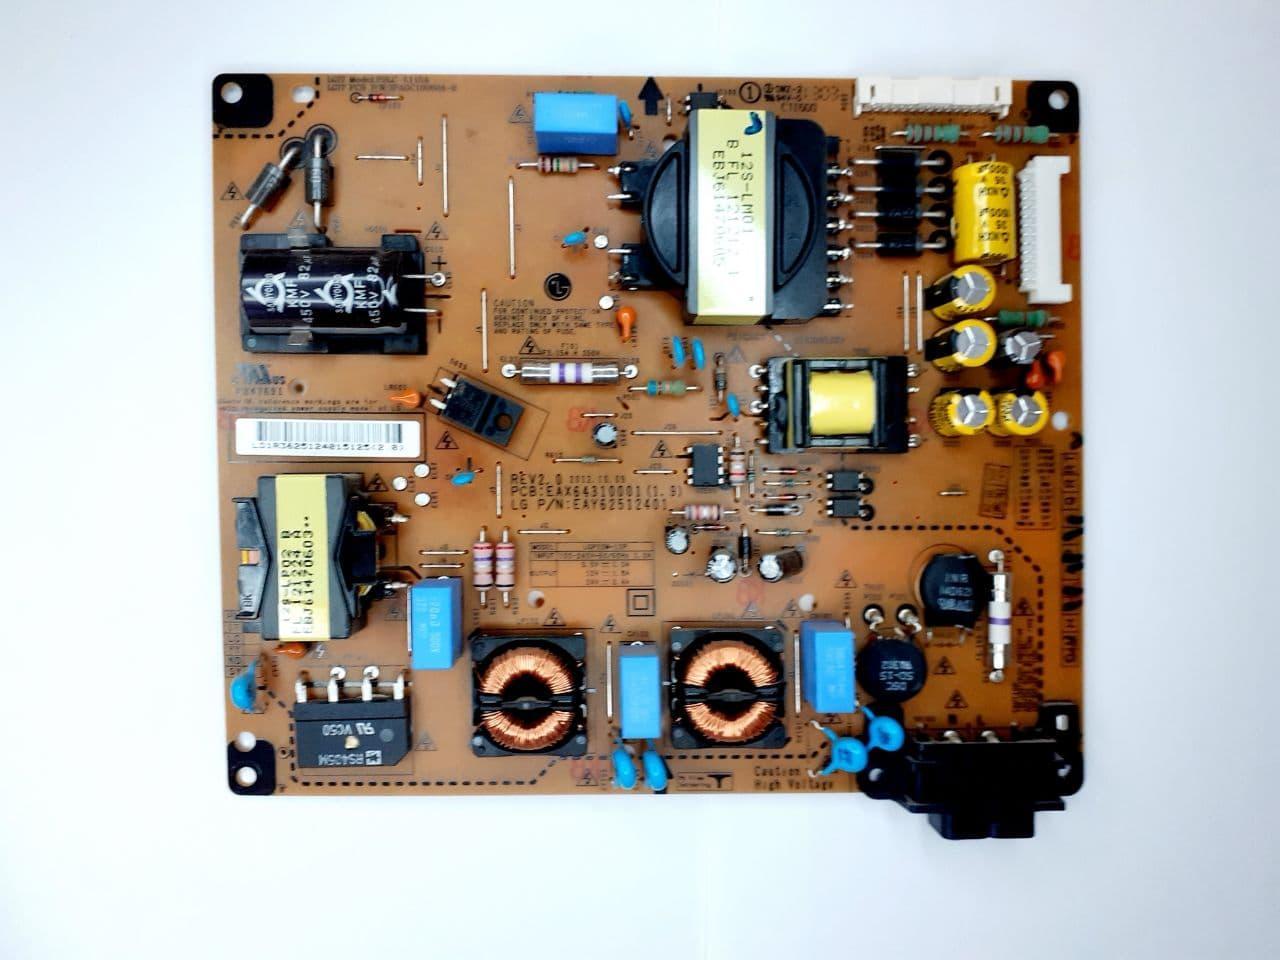 Блок питания  EAX64310001, EAY62512401, LGP32M-12P для телевизора  LG 32LS570T